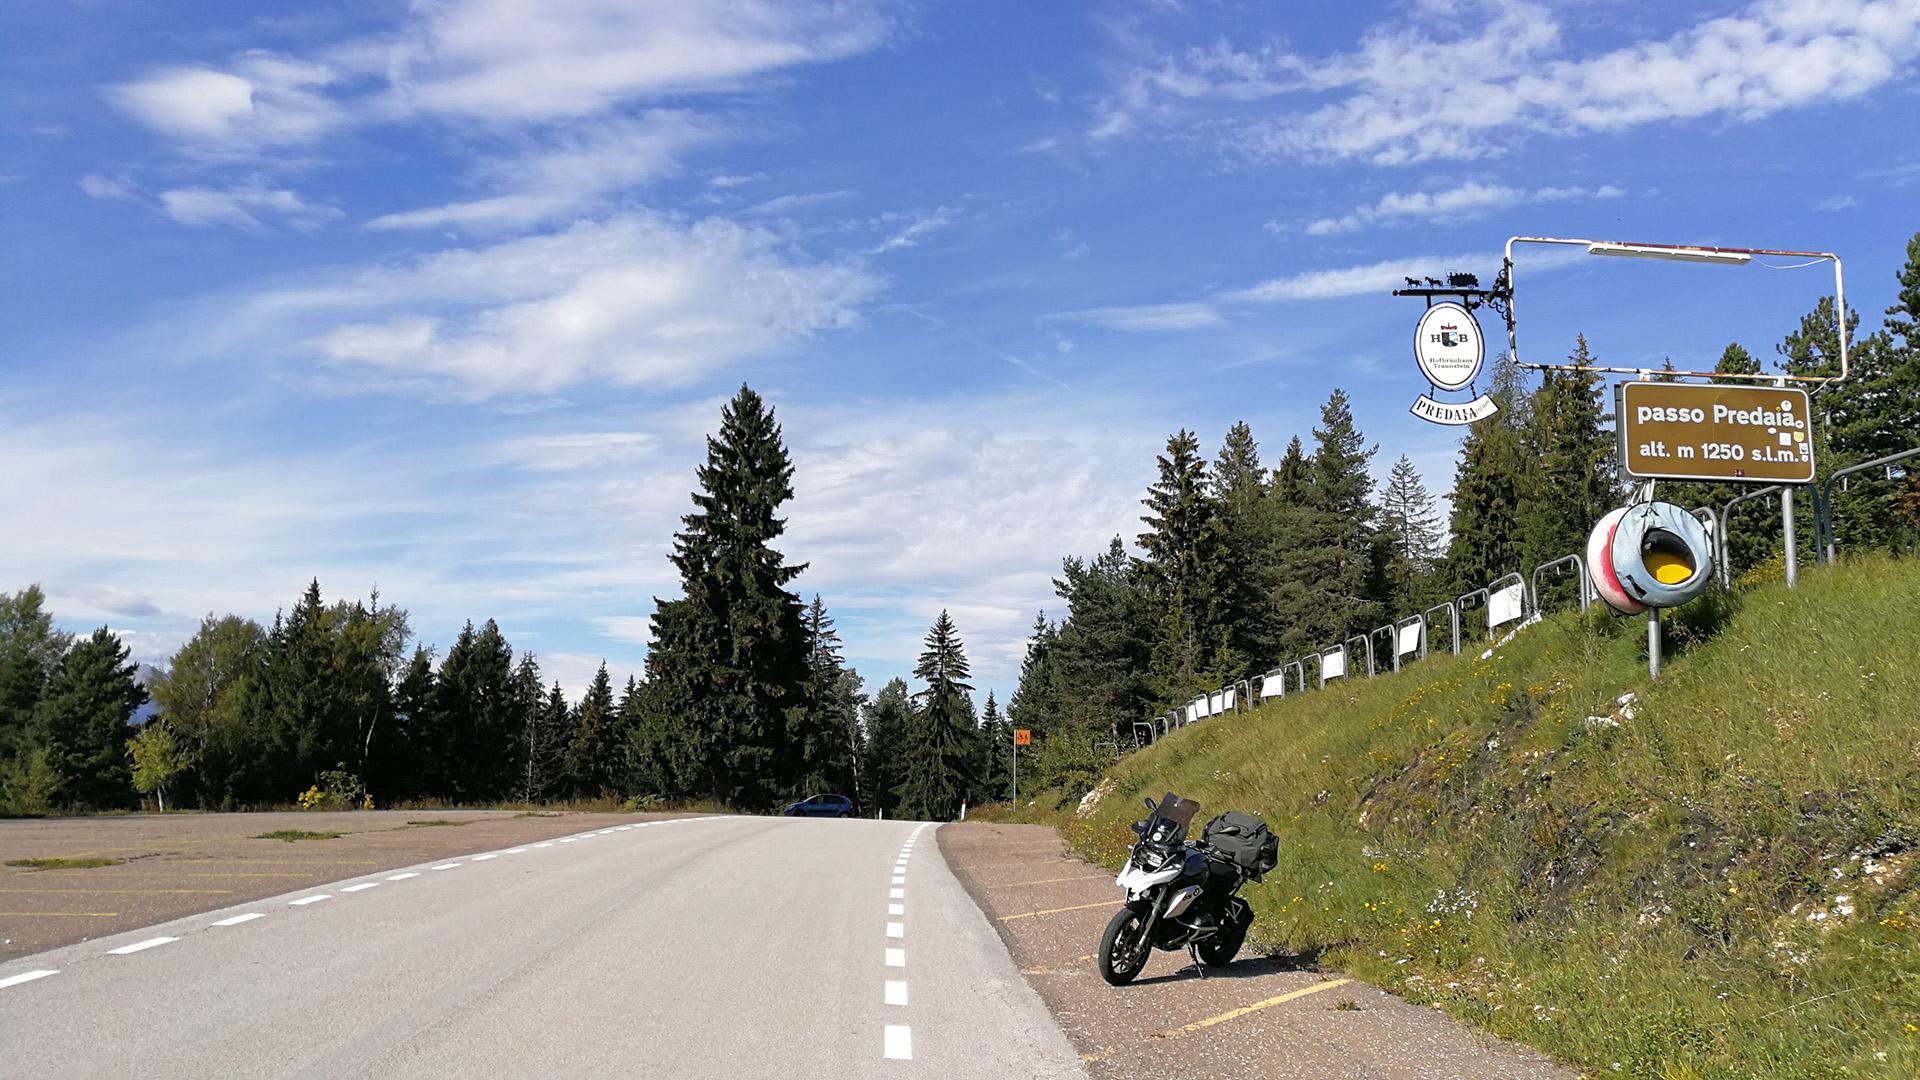 1250 - I - Passo Predaia